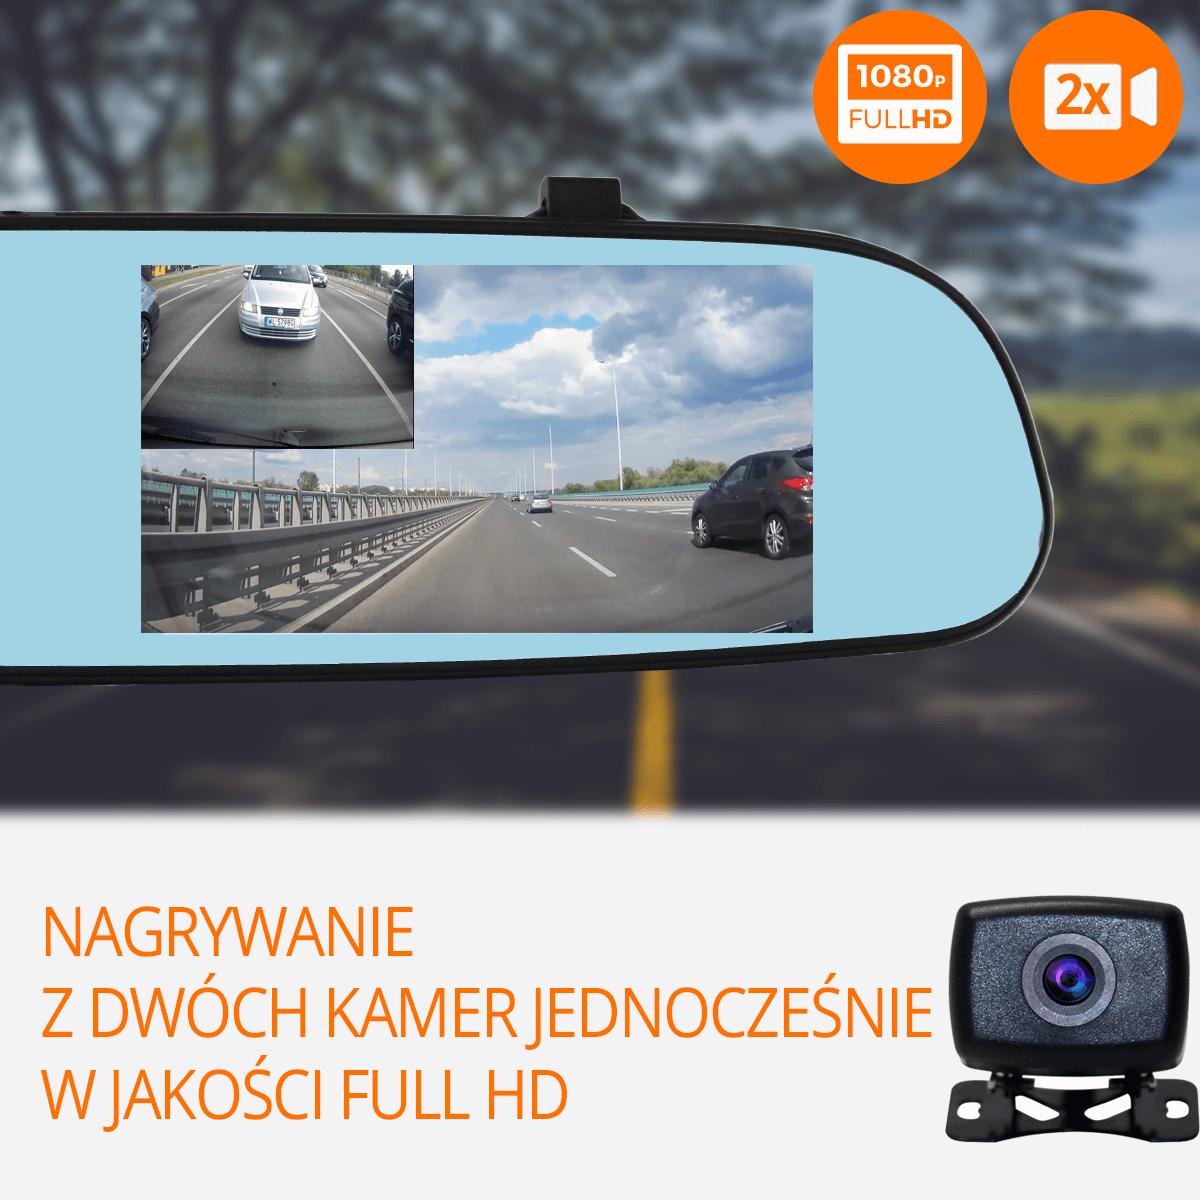 Kamera-samochodowa-nagrywanie-dwie-kamery-fullhd-orllo-pl